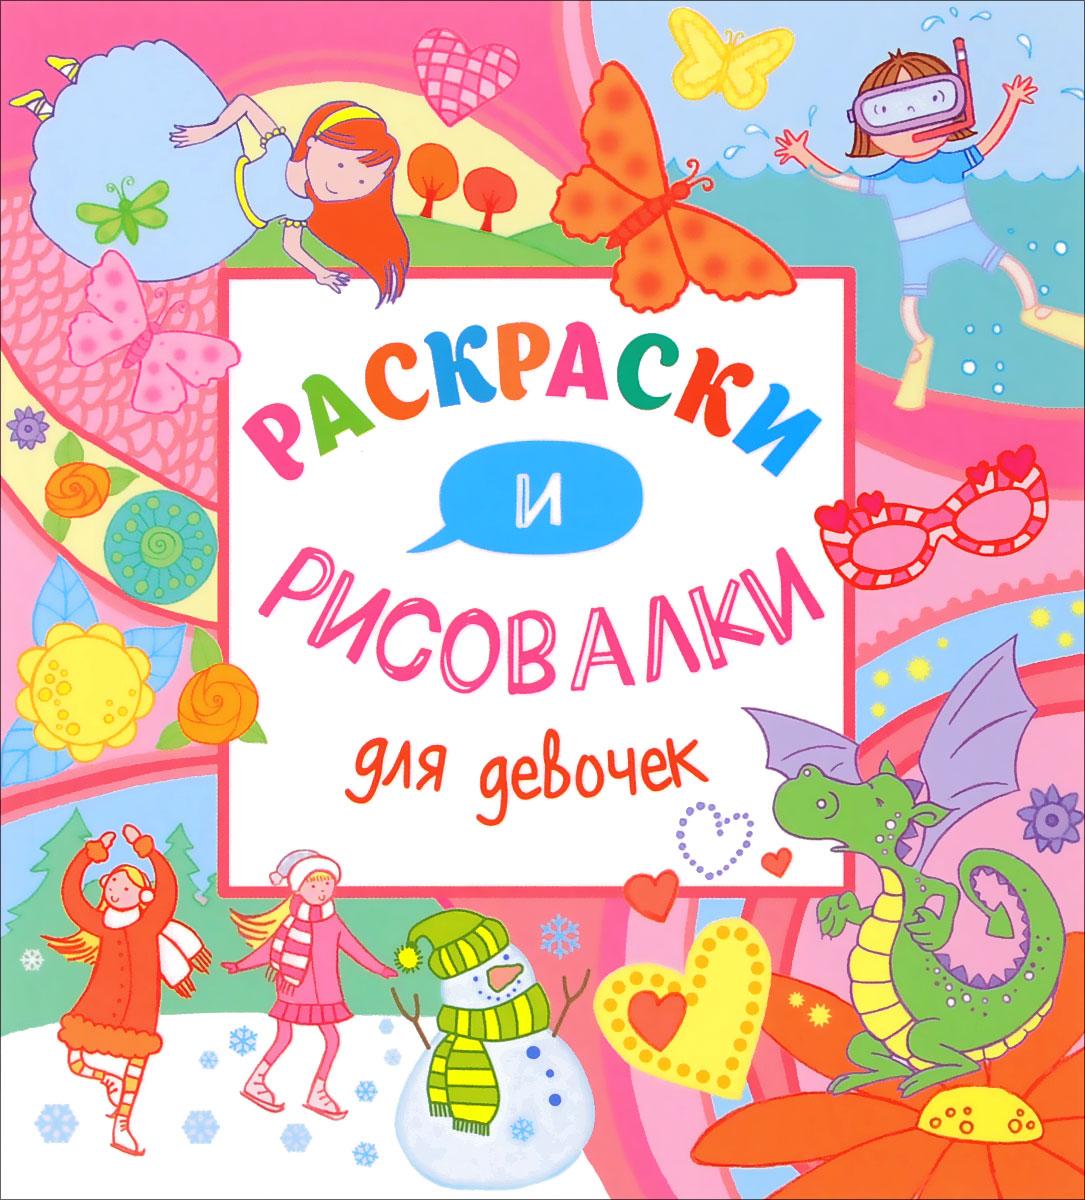 Раскраски и рисовалки для девочек12296407Осторожно! Книга может вызвать привыкание! написано на обложке этой книги, и это не просто слова. Каждая страница этой замечательной карманной книжечки - еще одна ступенька в мир творчества. Любой ребёнок открывает книжку, берет в руки карандаш и - готово! - он рисует и понимает, что может рисовать и рыбок, и бабочек, и еще много-много чего - целых 128 страниц для творческого раскрашивания, дорисовывания, рисования, одним словом - вдохновения и хорошего настроения!